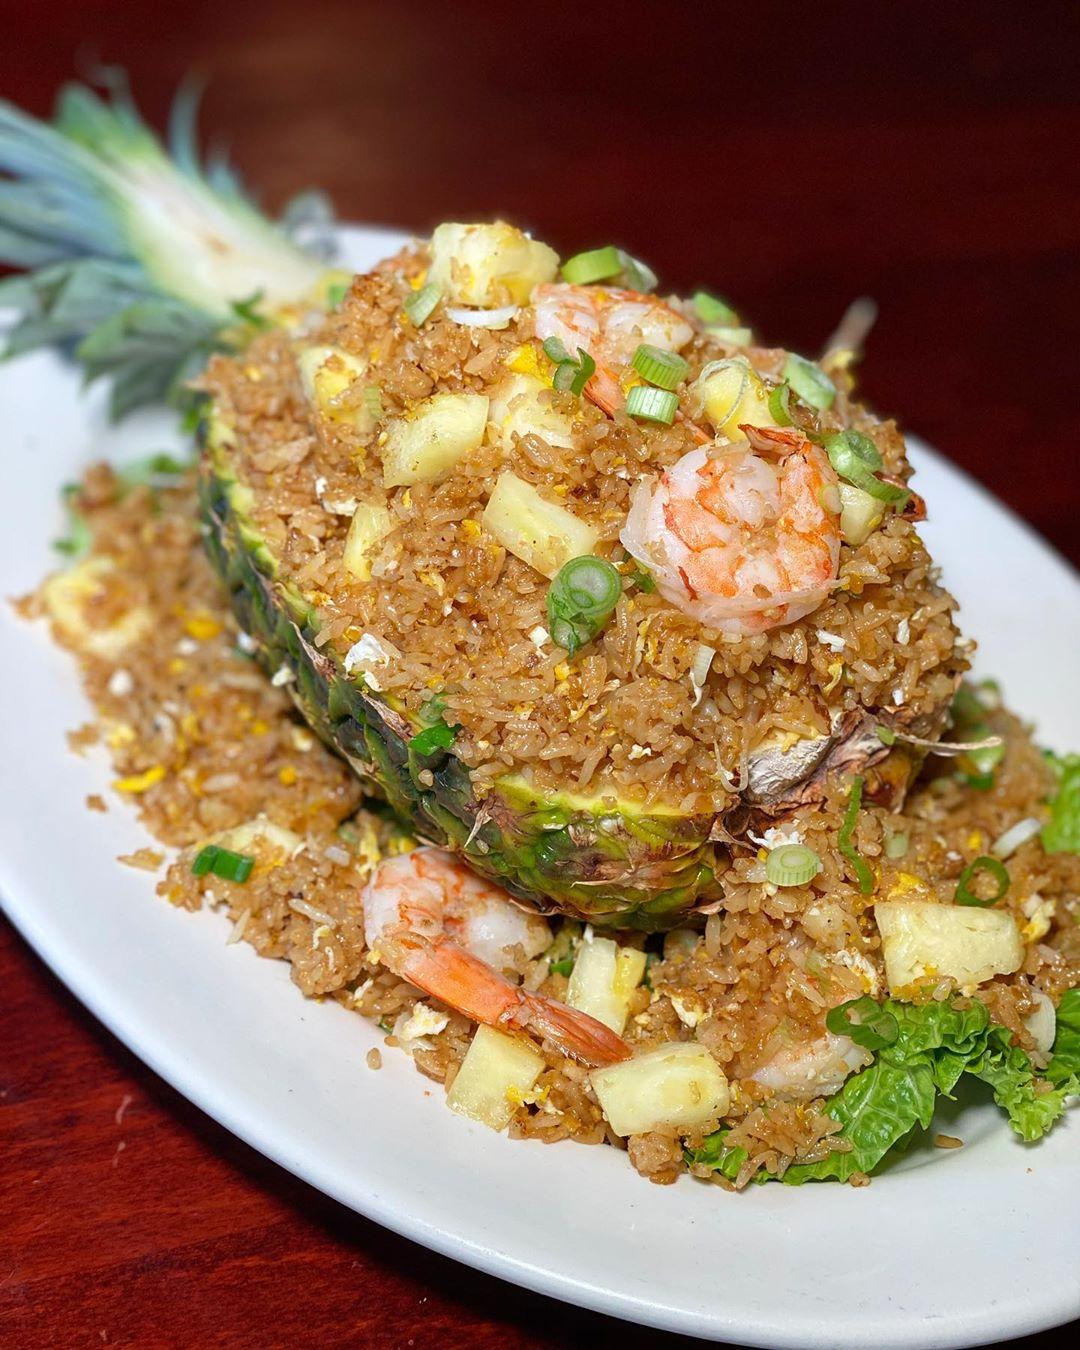 Pineapple fried rice- Shrimp